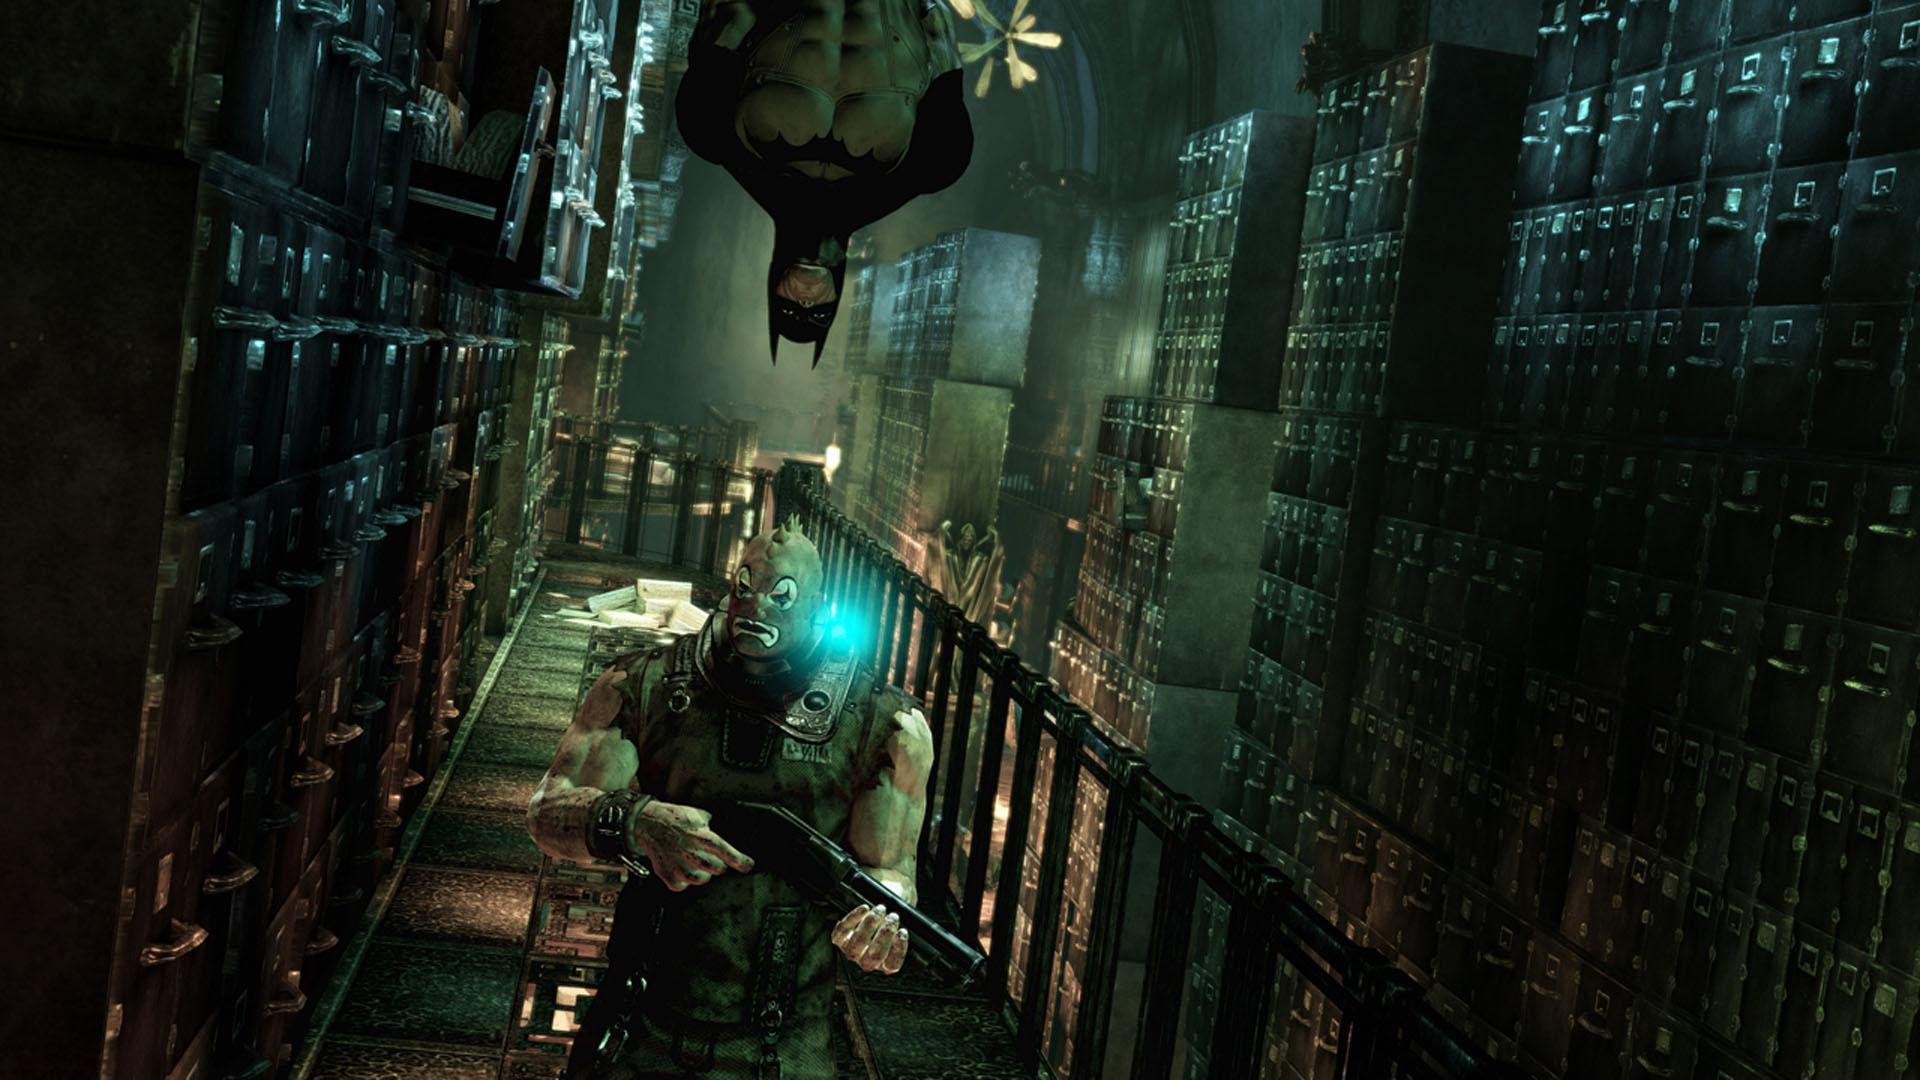 download batman arkham asylum cheats hd wallpaper Car Pictures 1920x1080